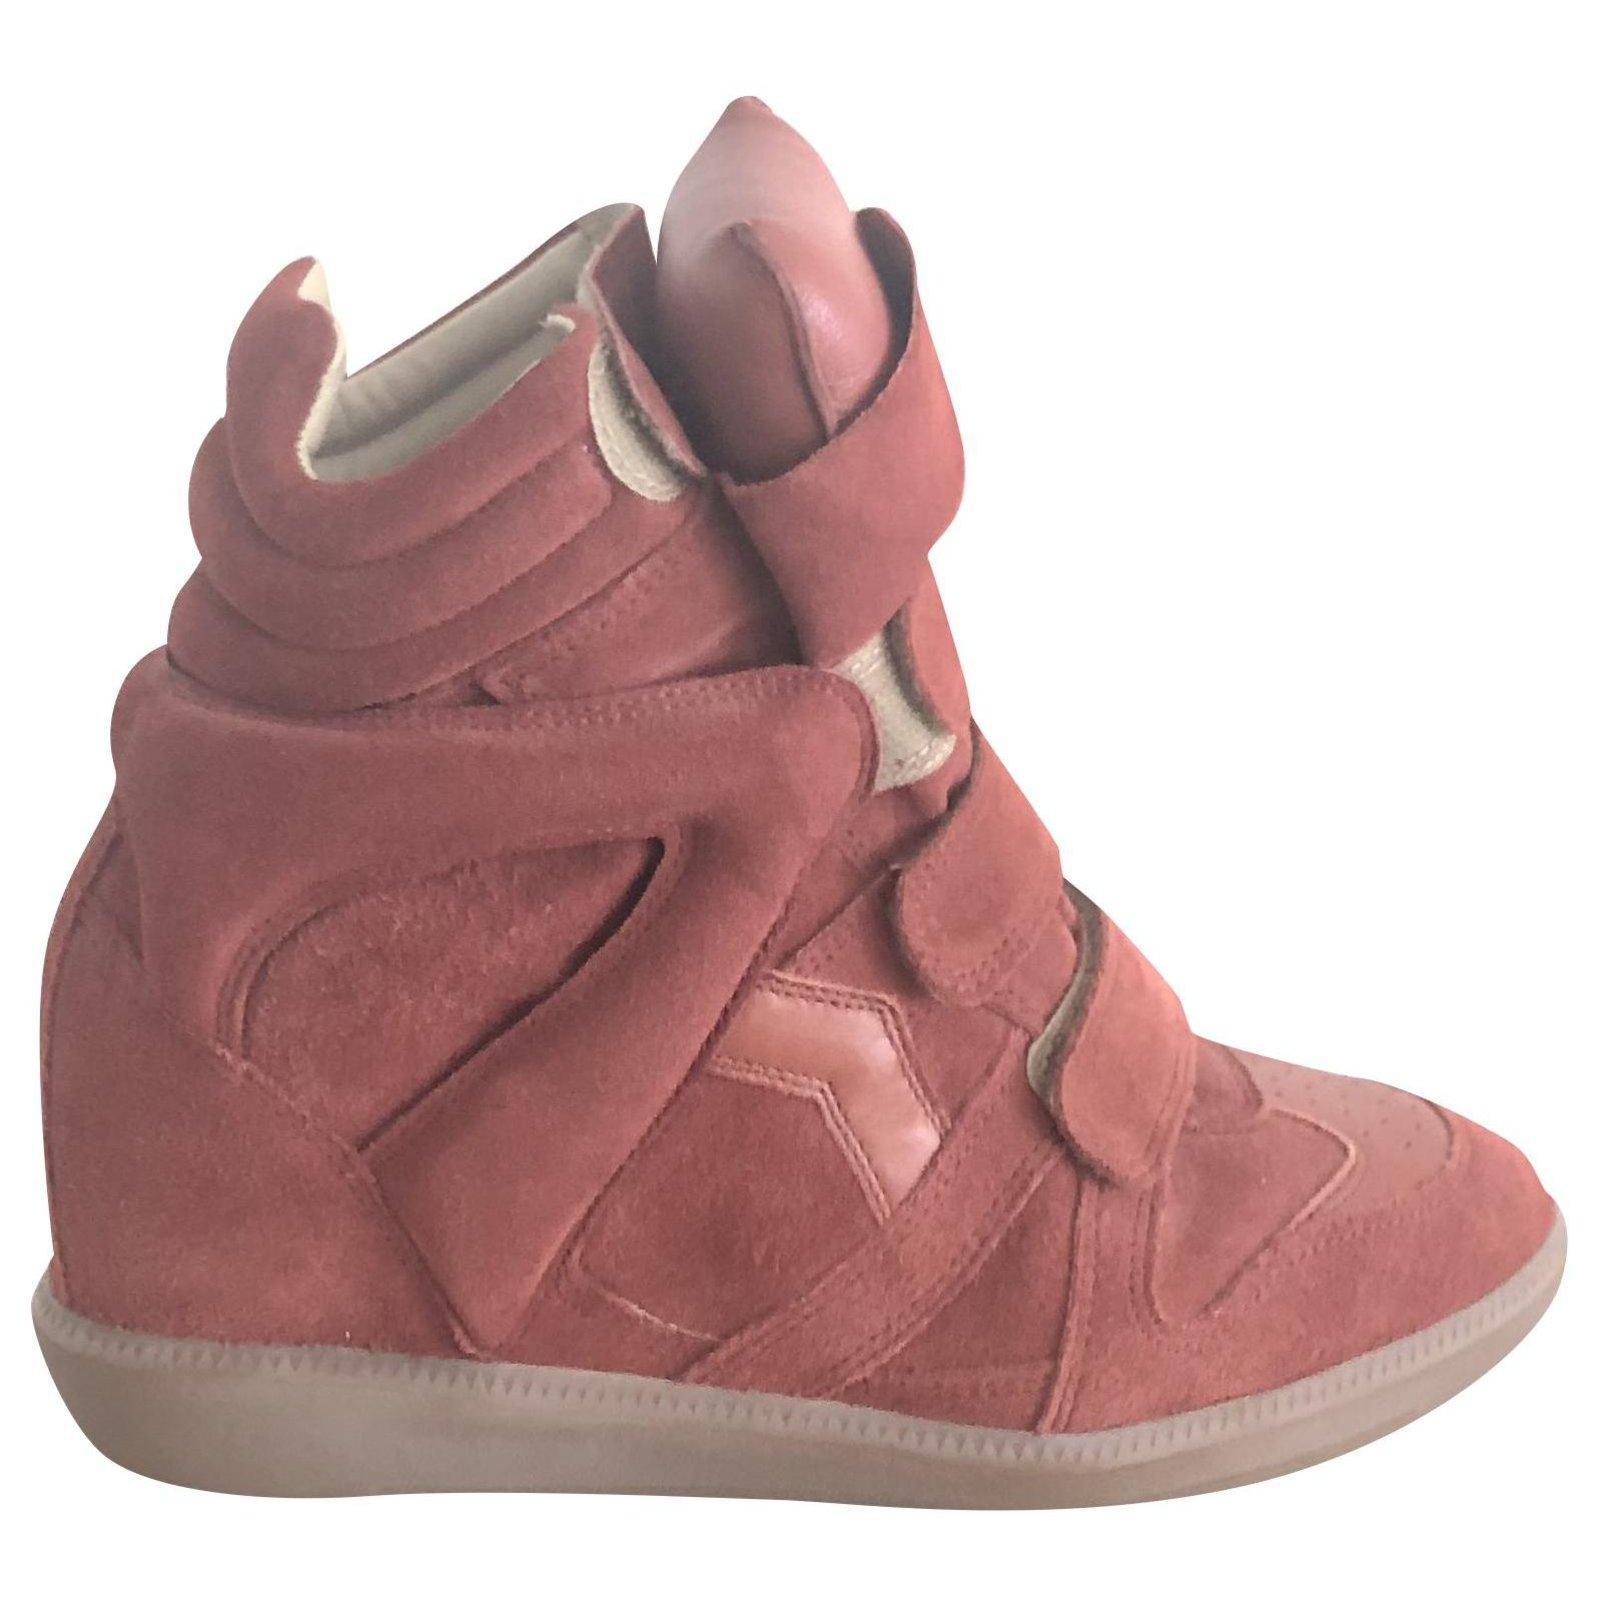 Isabel Marant Sneakers Sneakers Suede